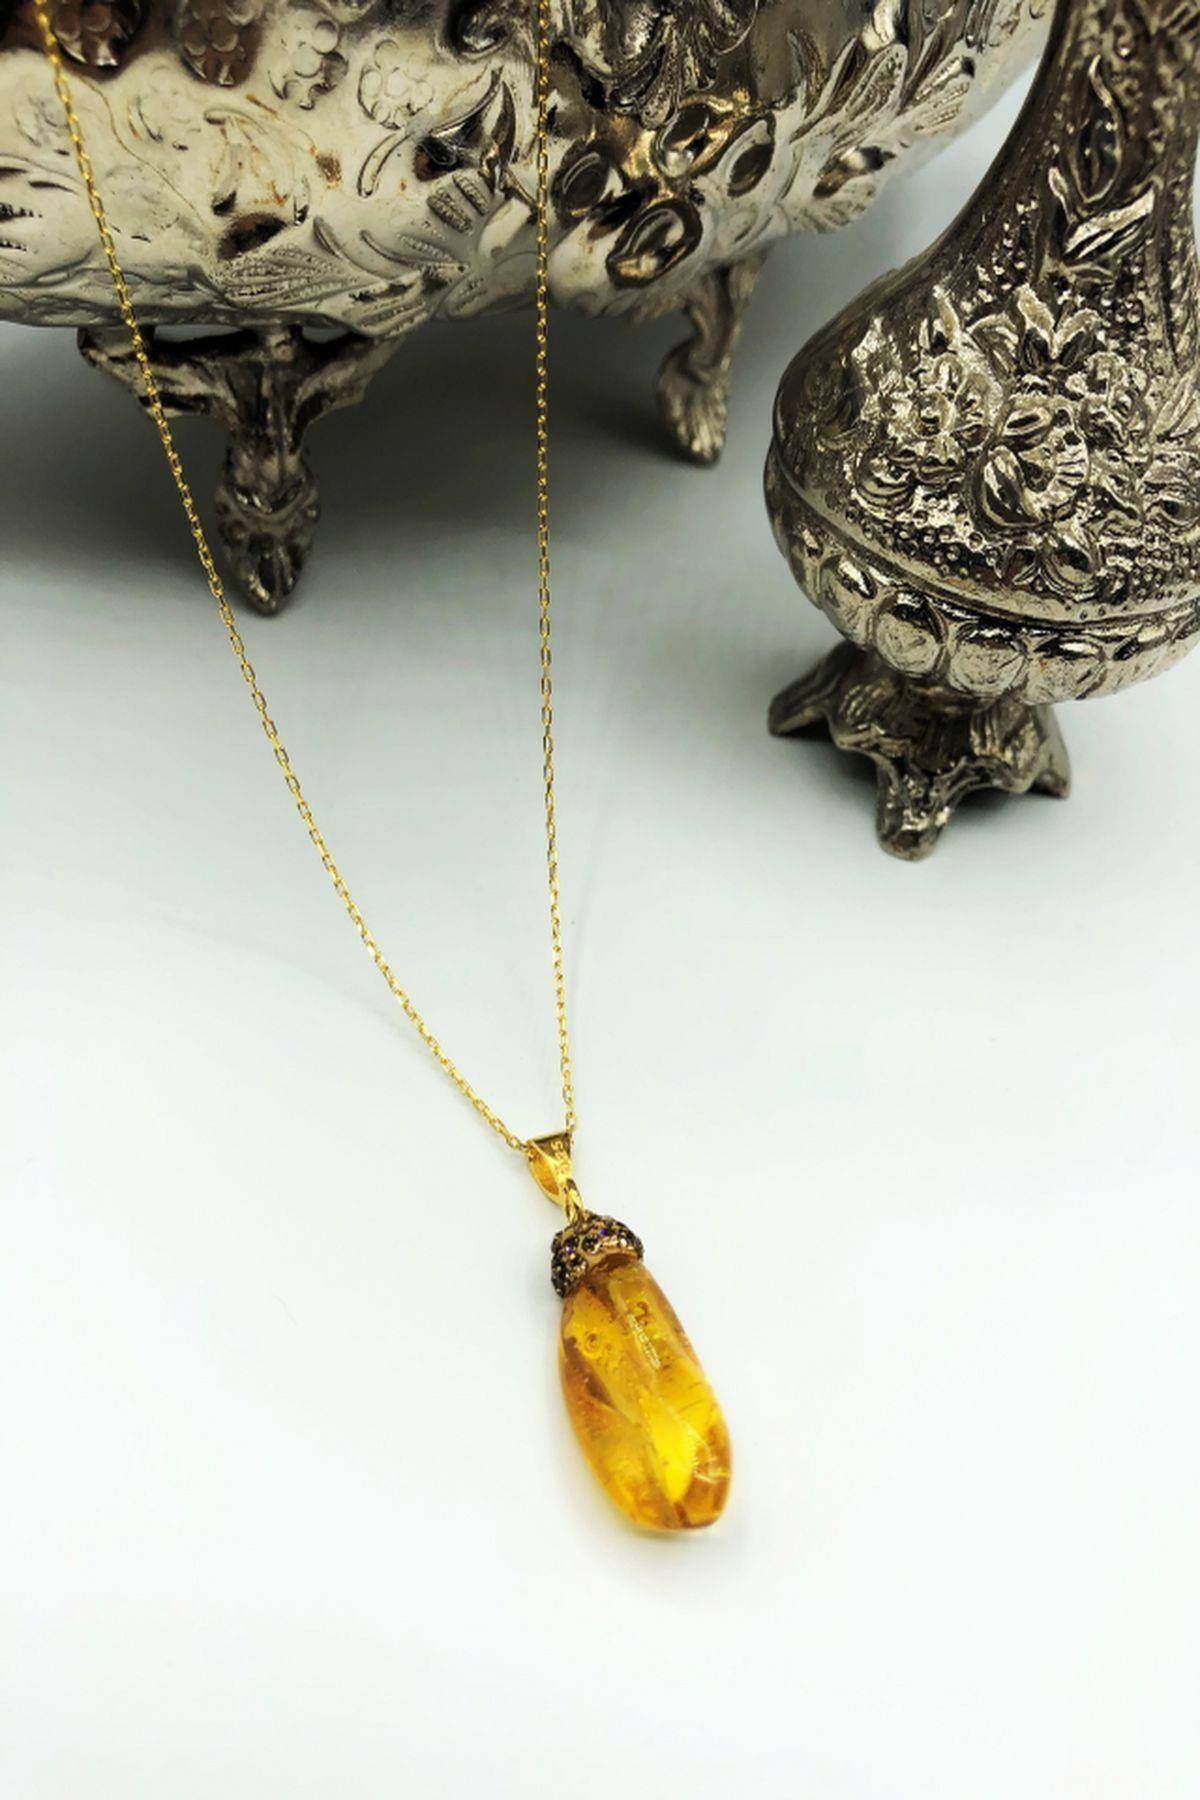 Dr. Stone Dr Stone Harem Koleksiyonu Kehribar Taşı El Yapımı 925 Ayar Gümüş Kolye Gdr20 1